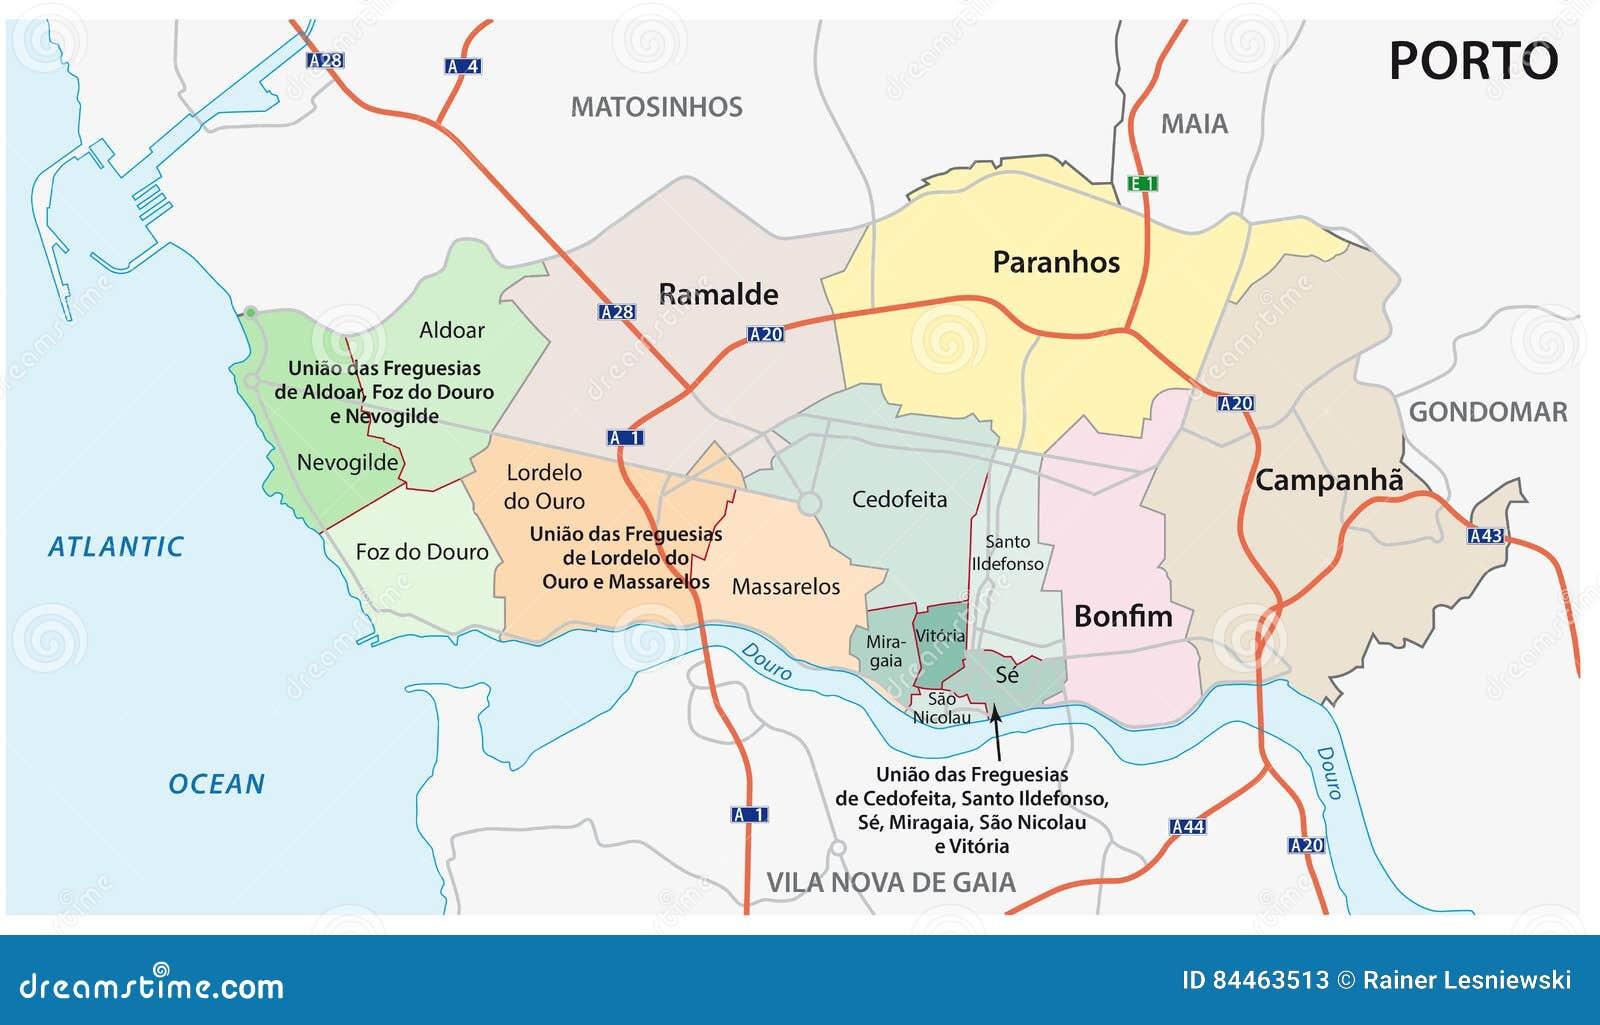 mapa de ruas portugal Administrativo, Político E Mapa De Ruas Da Cidade Portuguesa De  mapa de ruas portugal